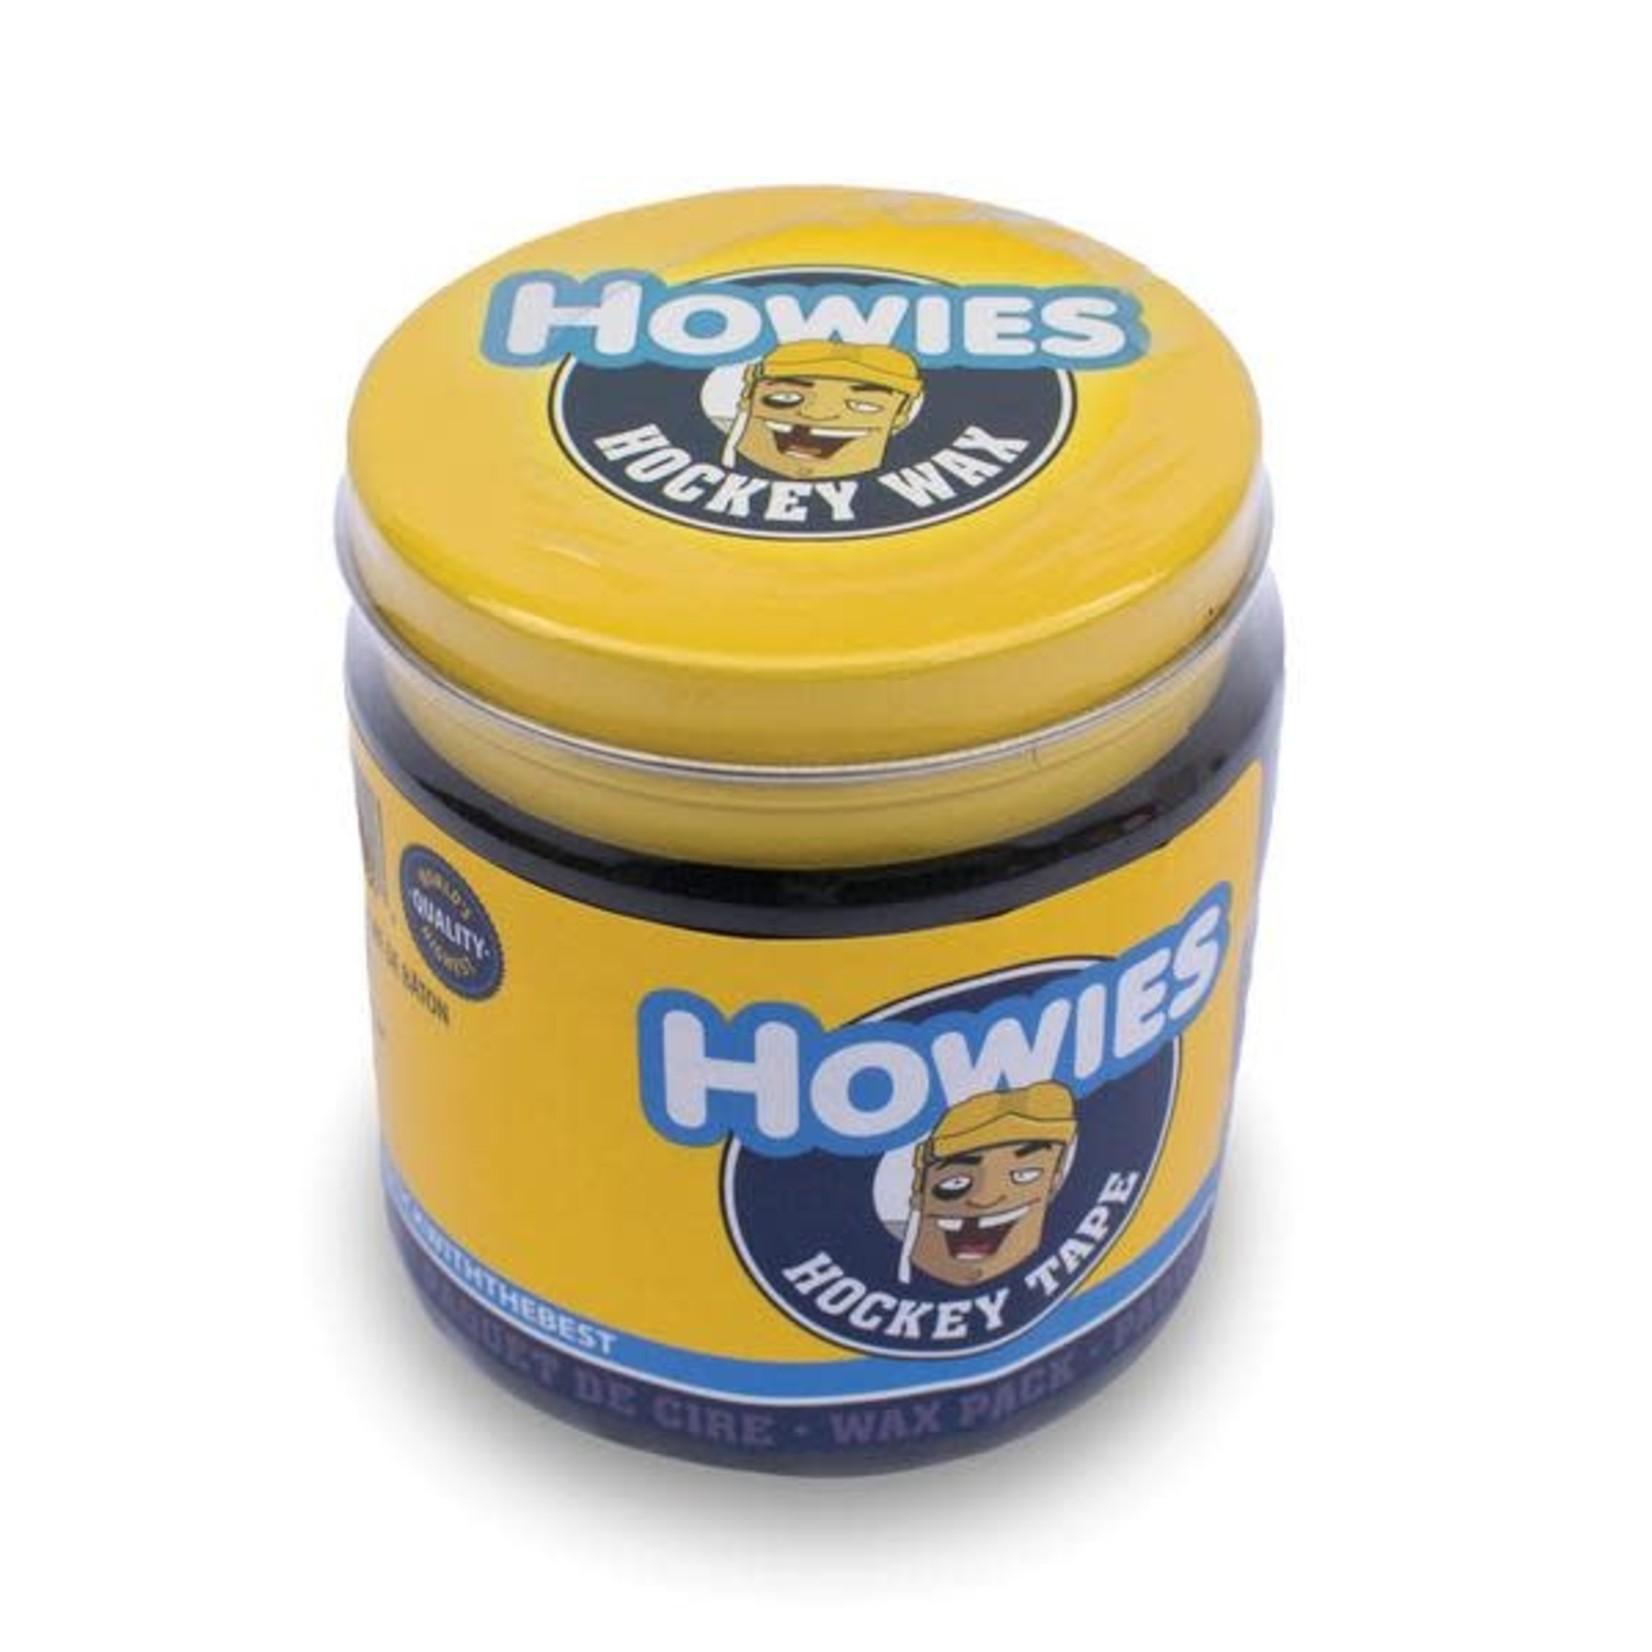 Howies Howies Wax Pack, 3 Blk/1 Wax